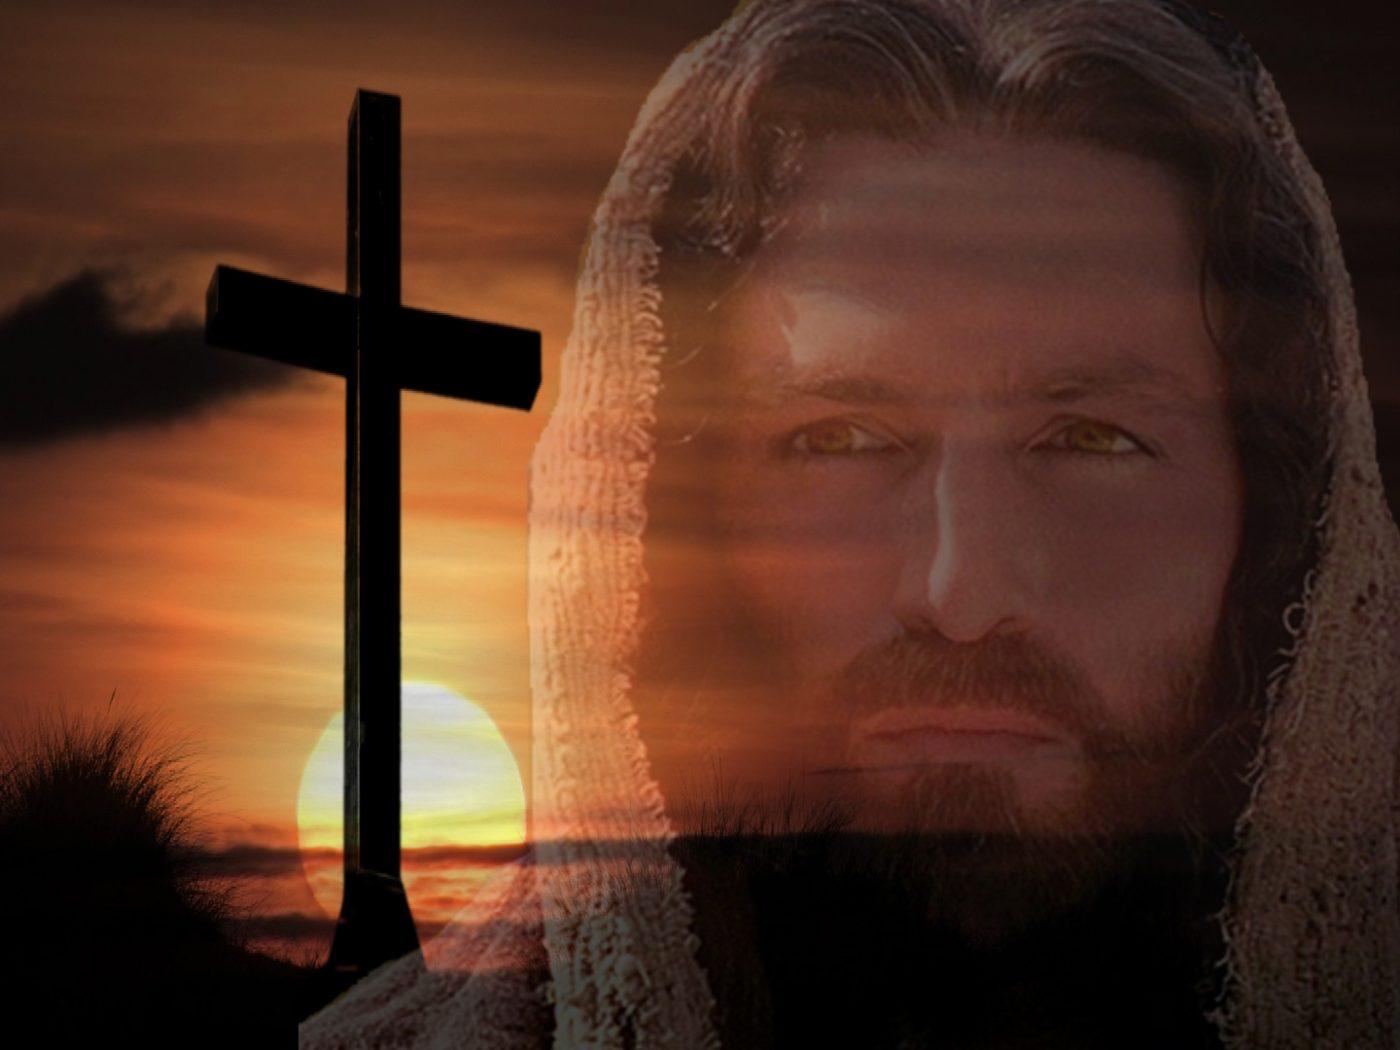 Isus može izliječiti slomljeno srce